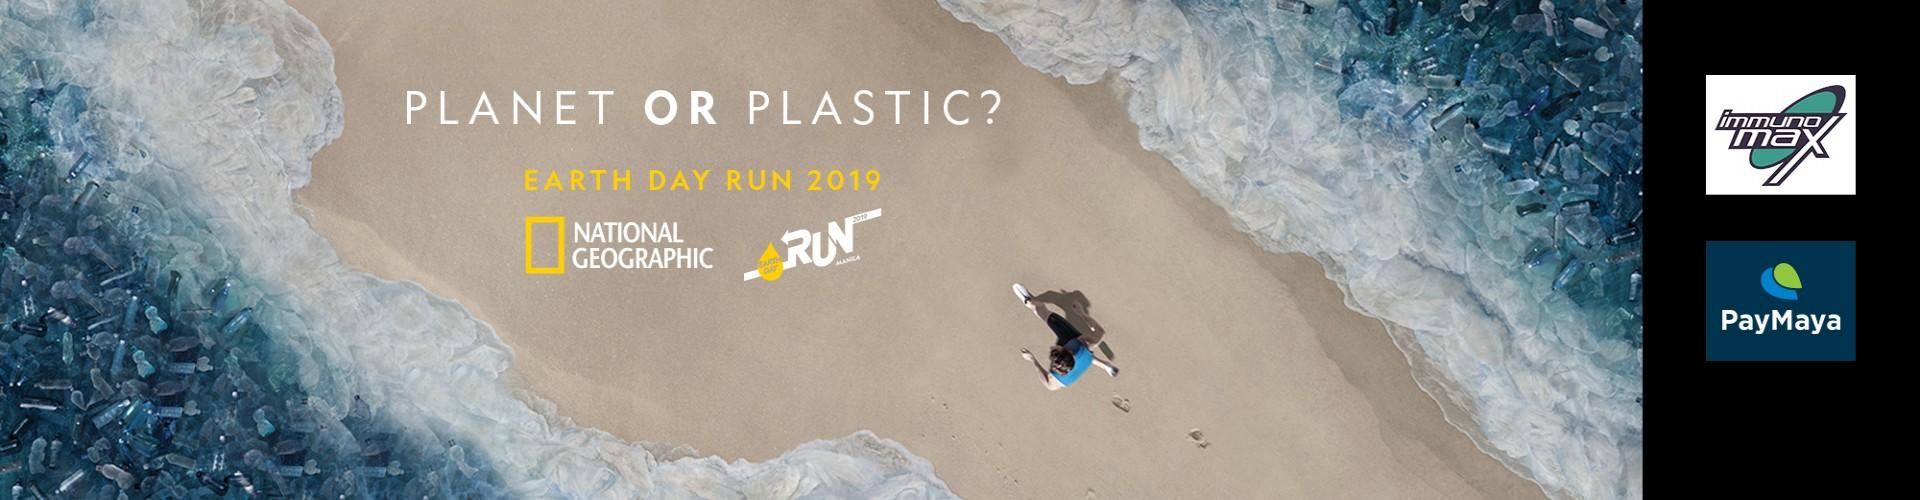 NATGEO Earth Day Run 2019